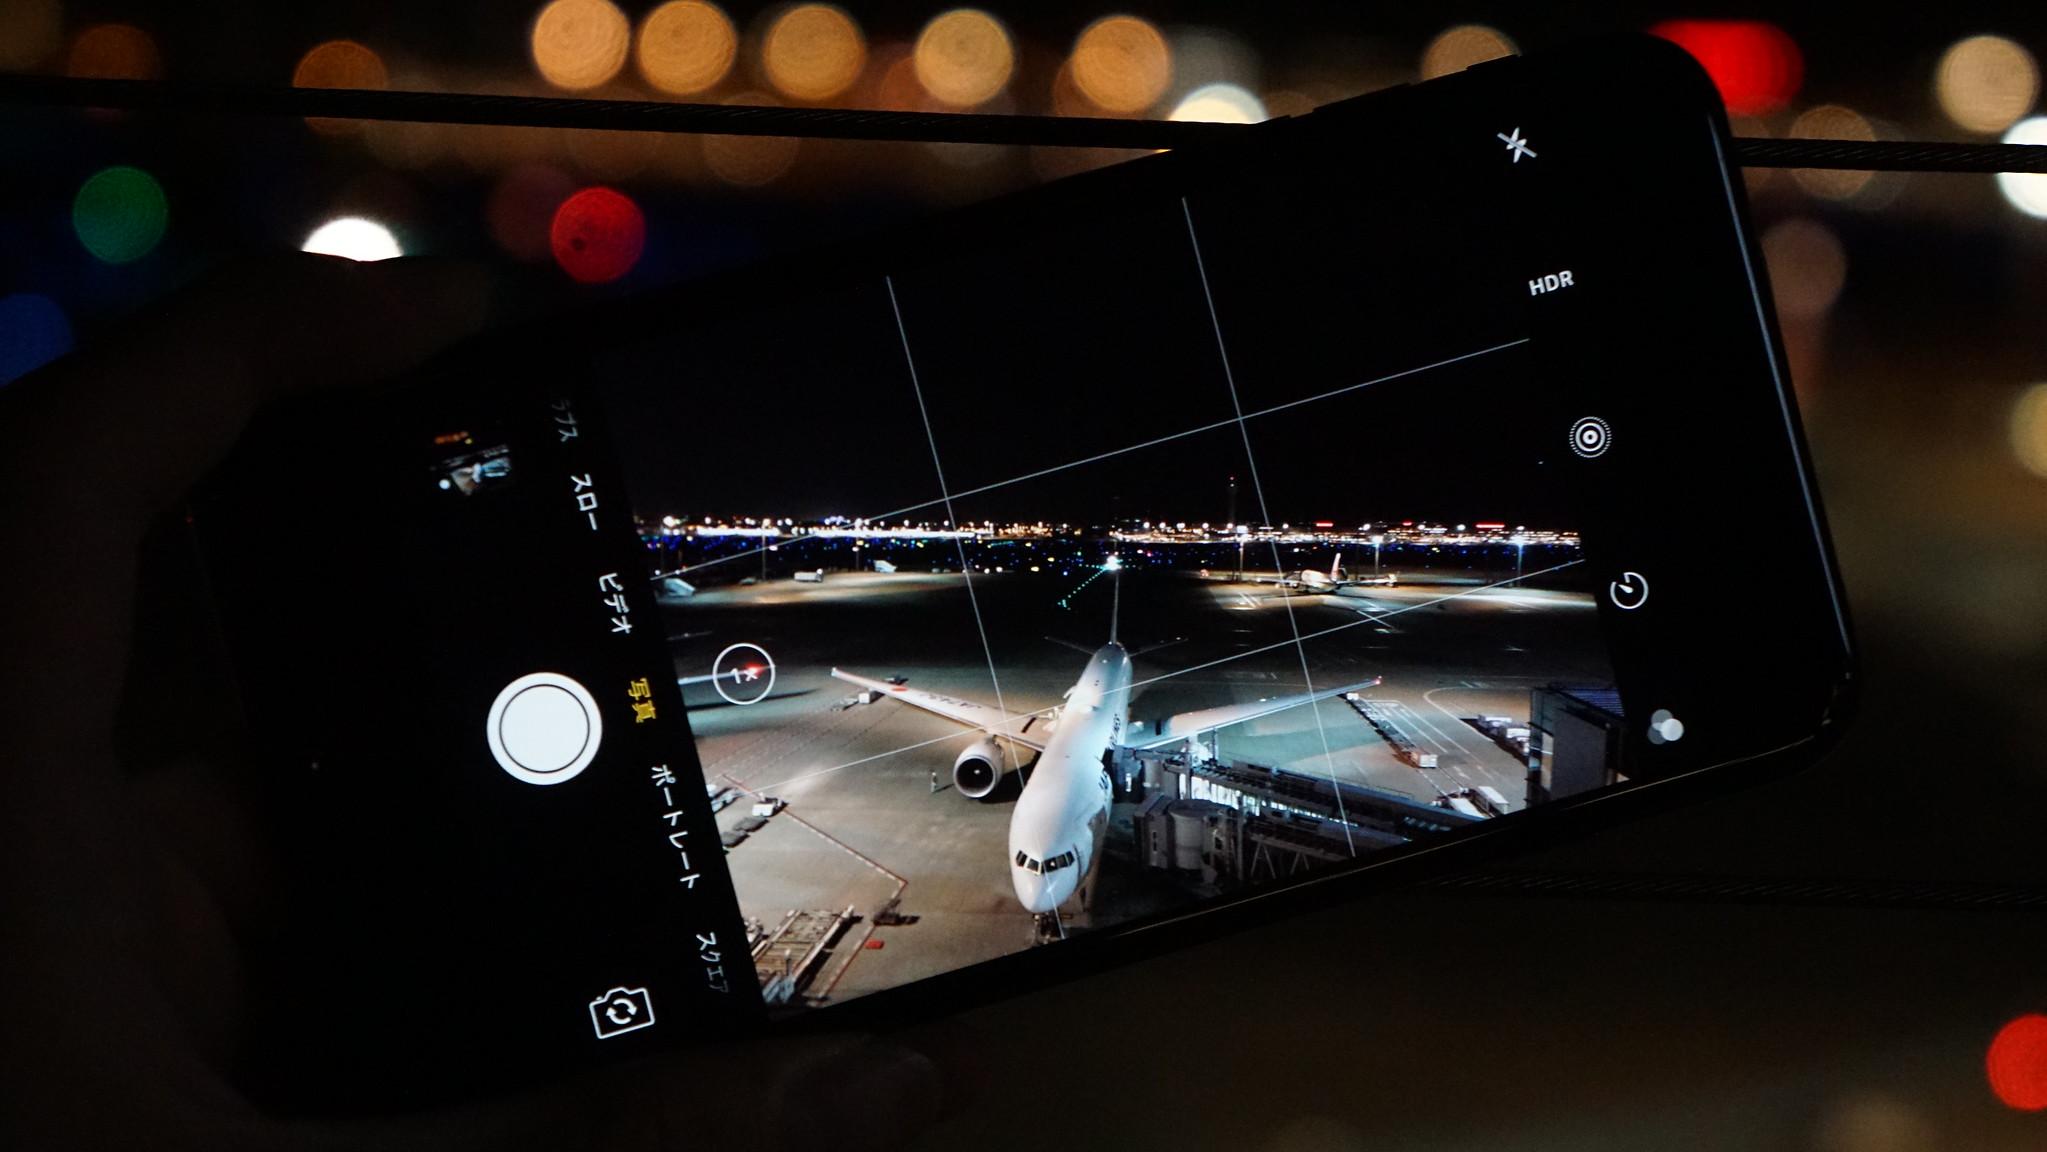 iOS 13、夜景モード撮影が可能に?watchOS 6に「スクールモード」追加も